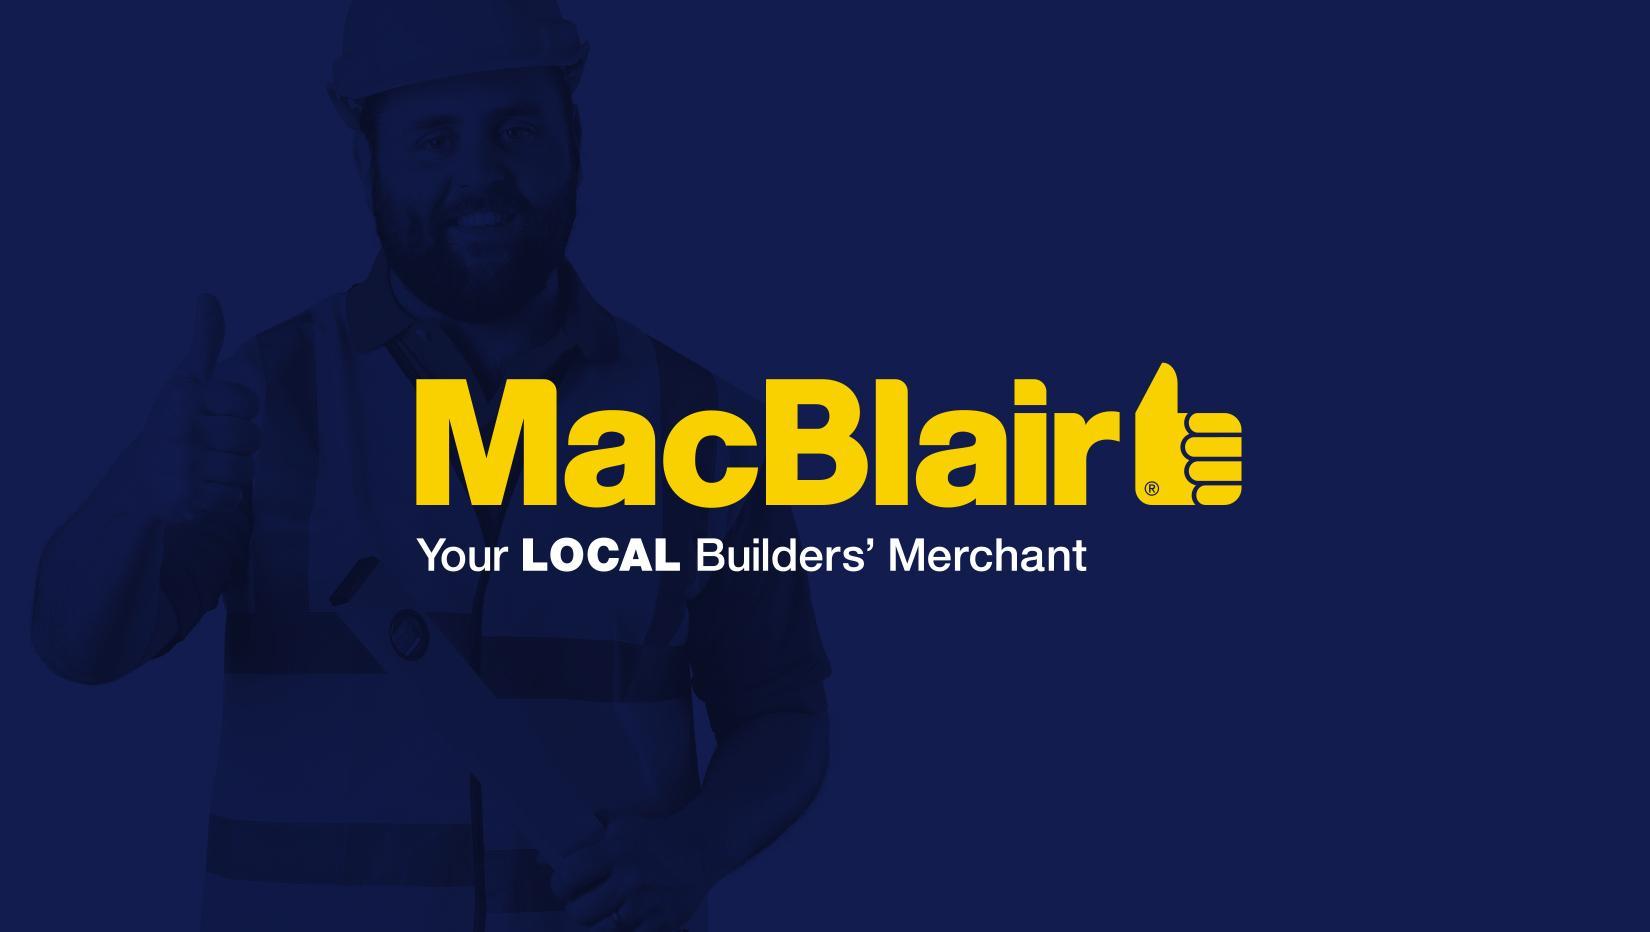 MacBlair Brand